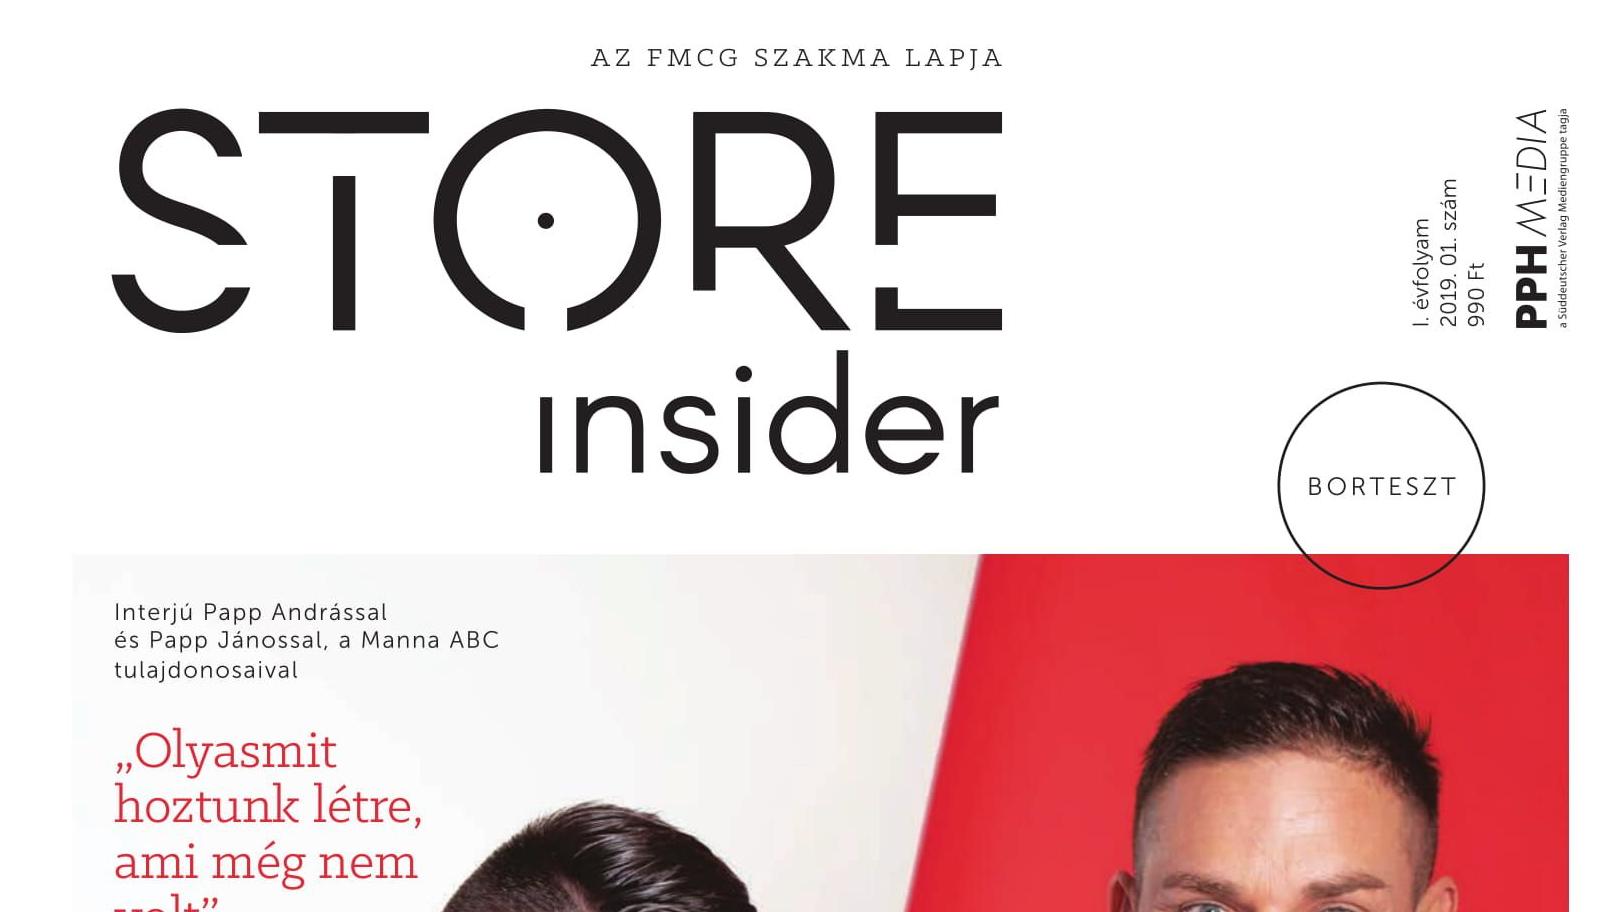 Store insider, az Élelmiszer magazin új neve